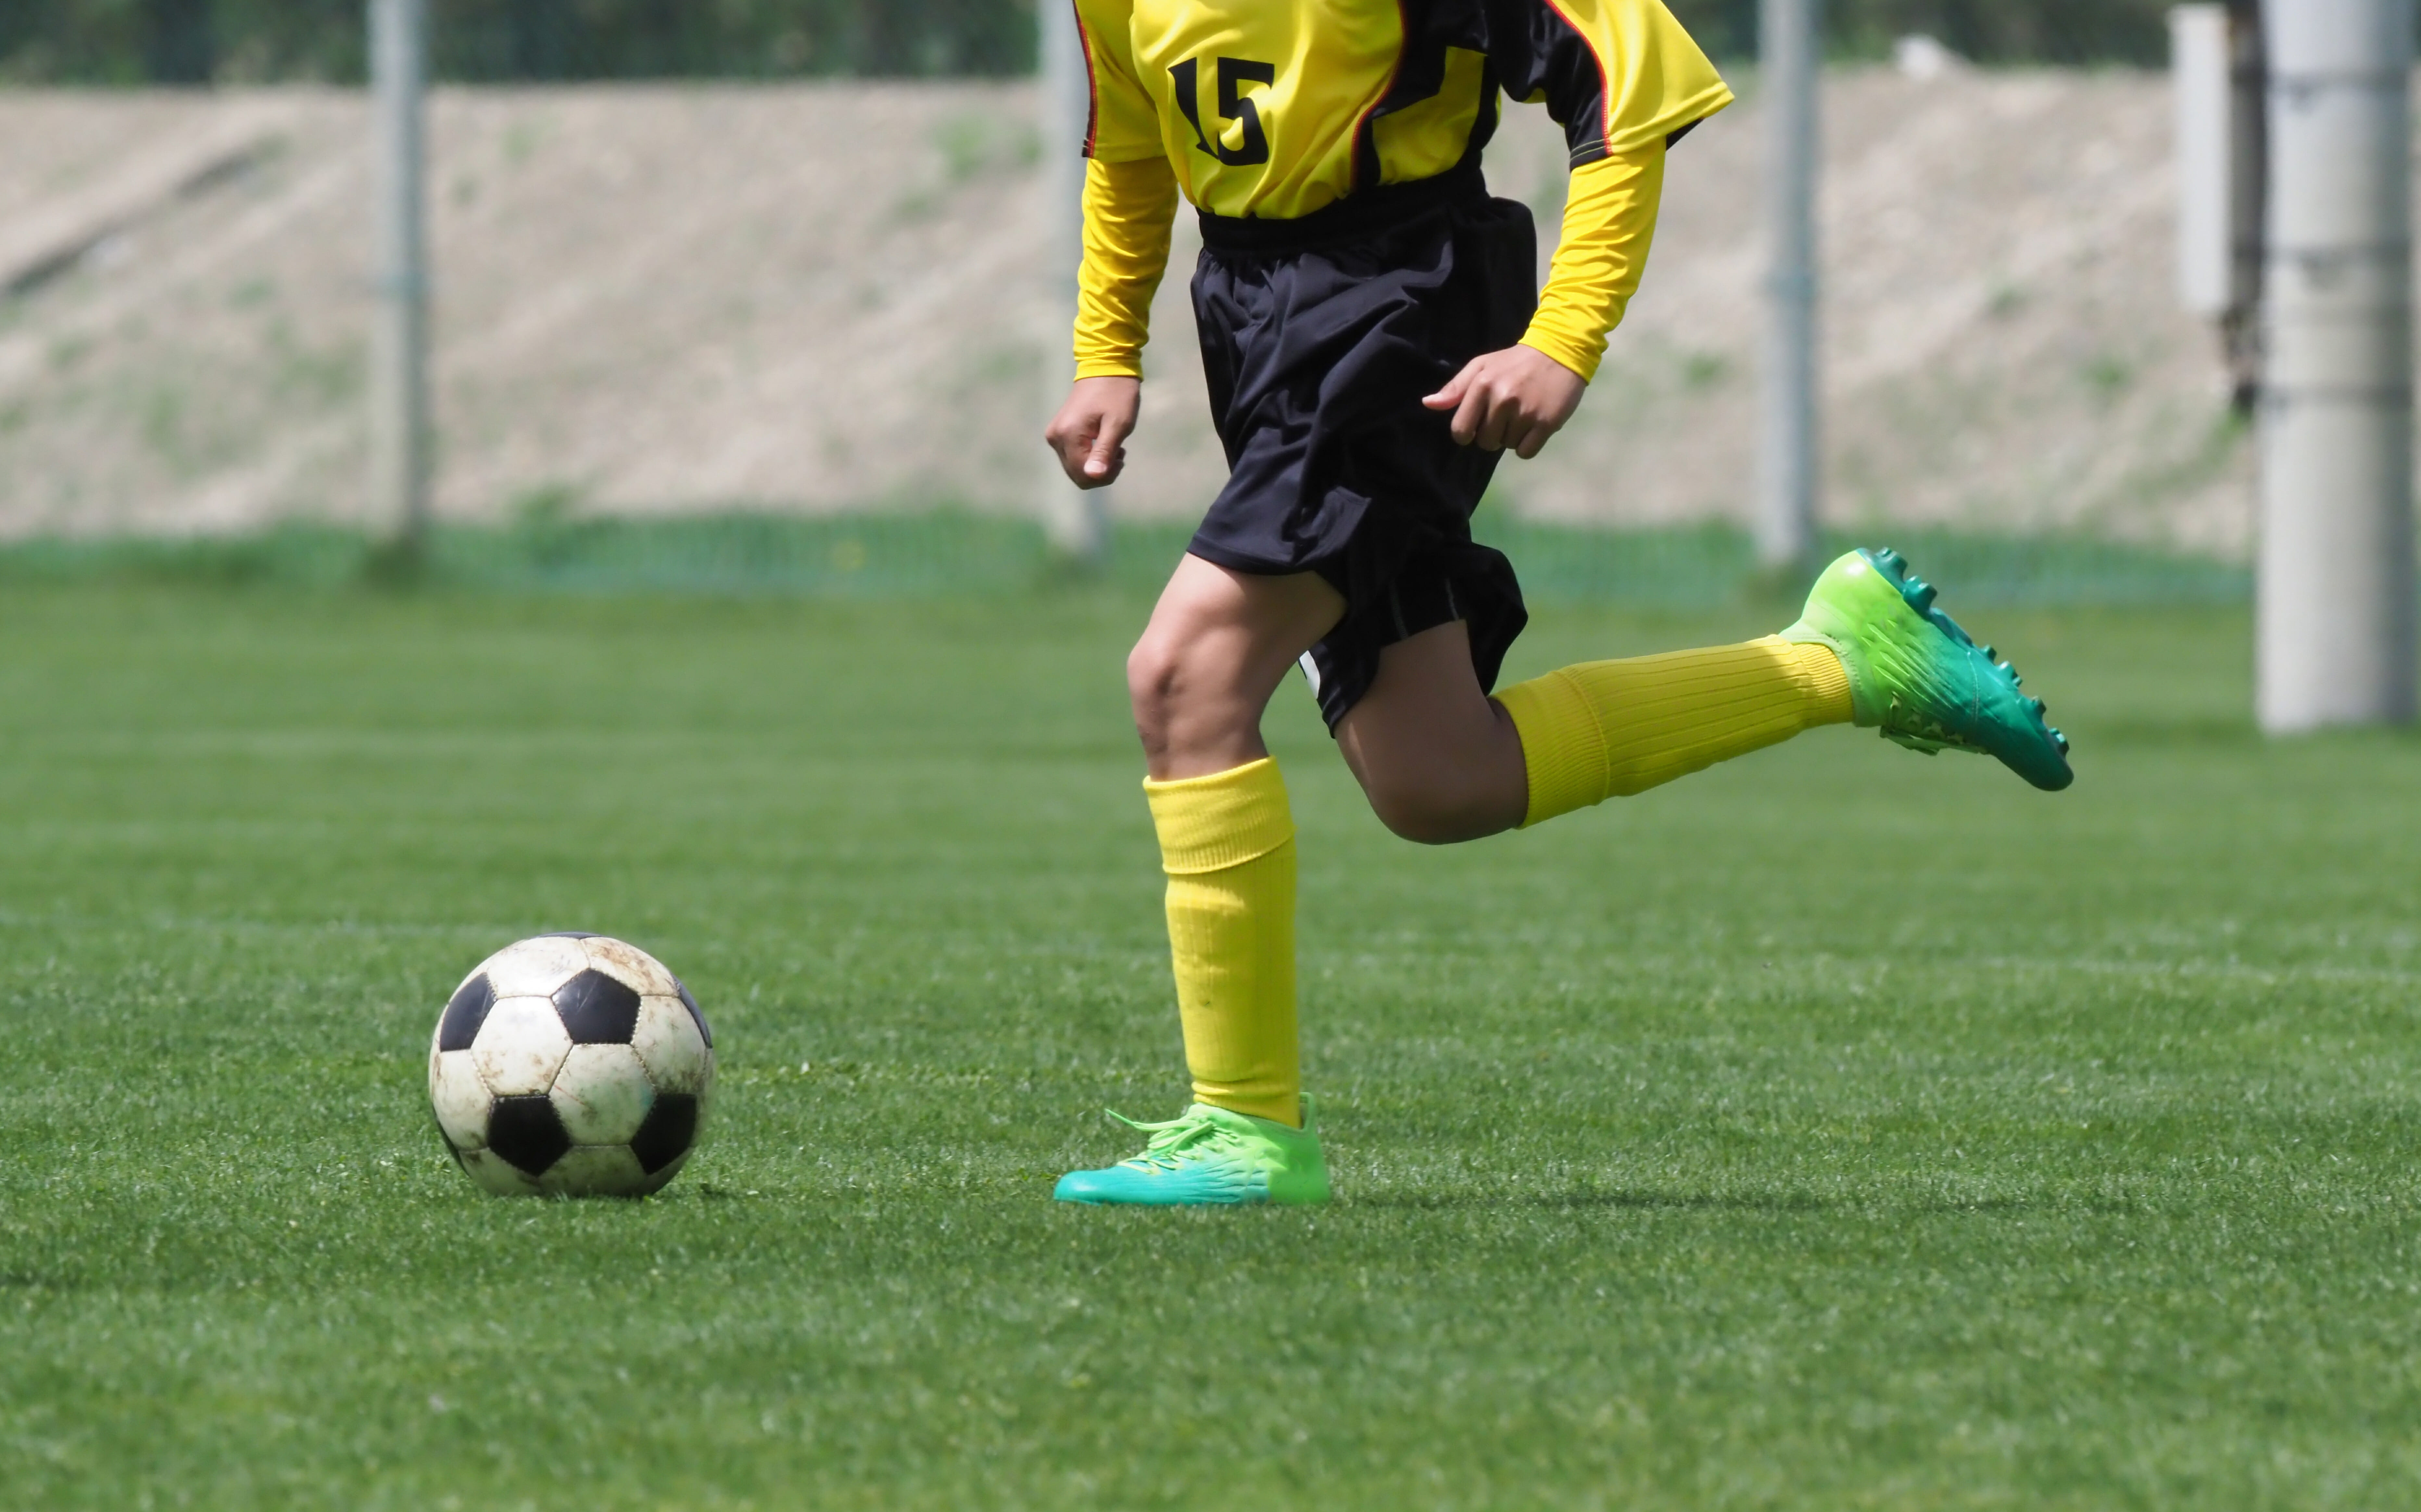 サッカーする少年